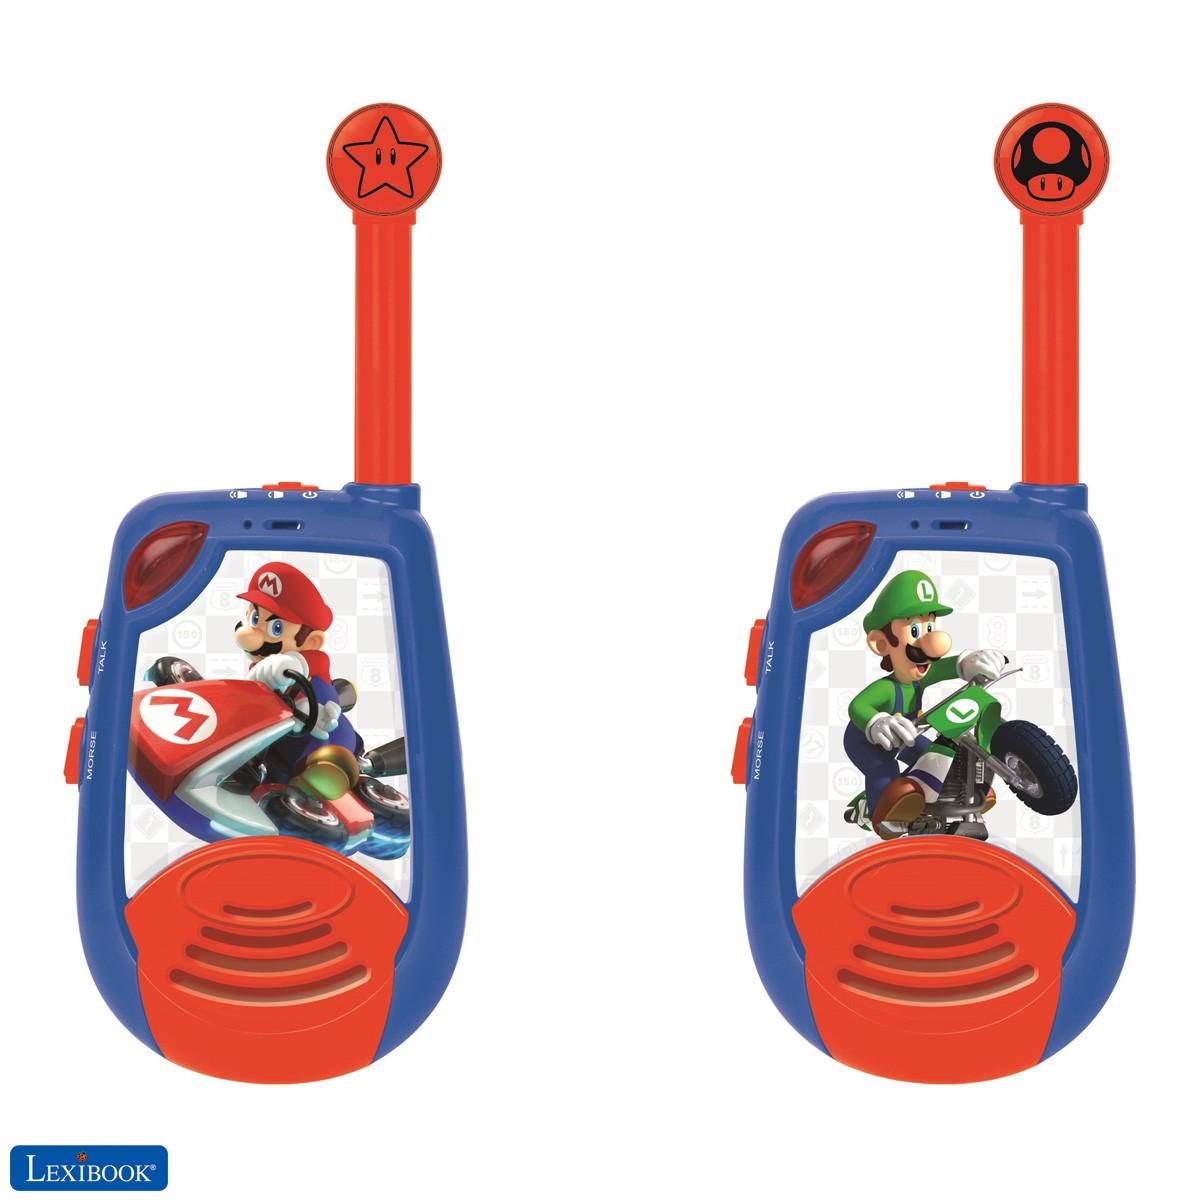 Nintendo Mario Kart - Walkie-Talkies - Reichweite 2km, Licht-Morse Funktion, Gürtelclip, für Kinder / Jungen